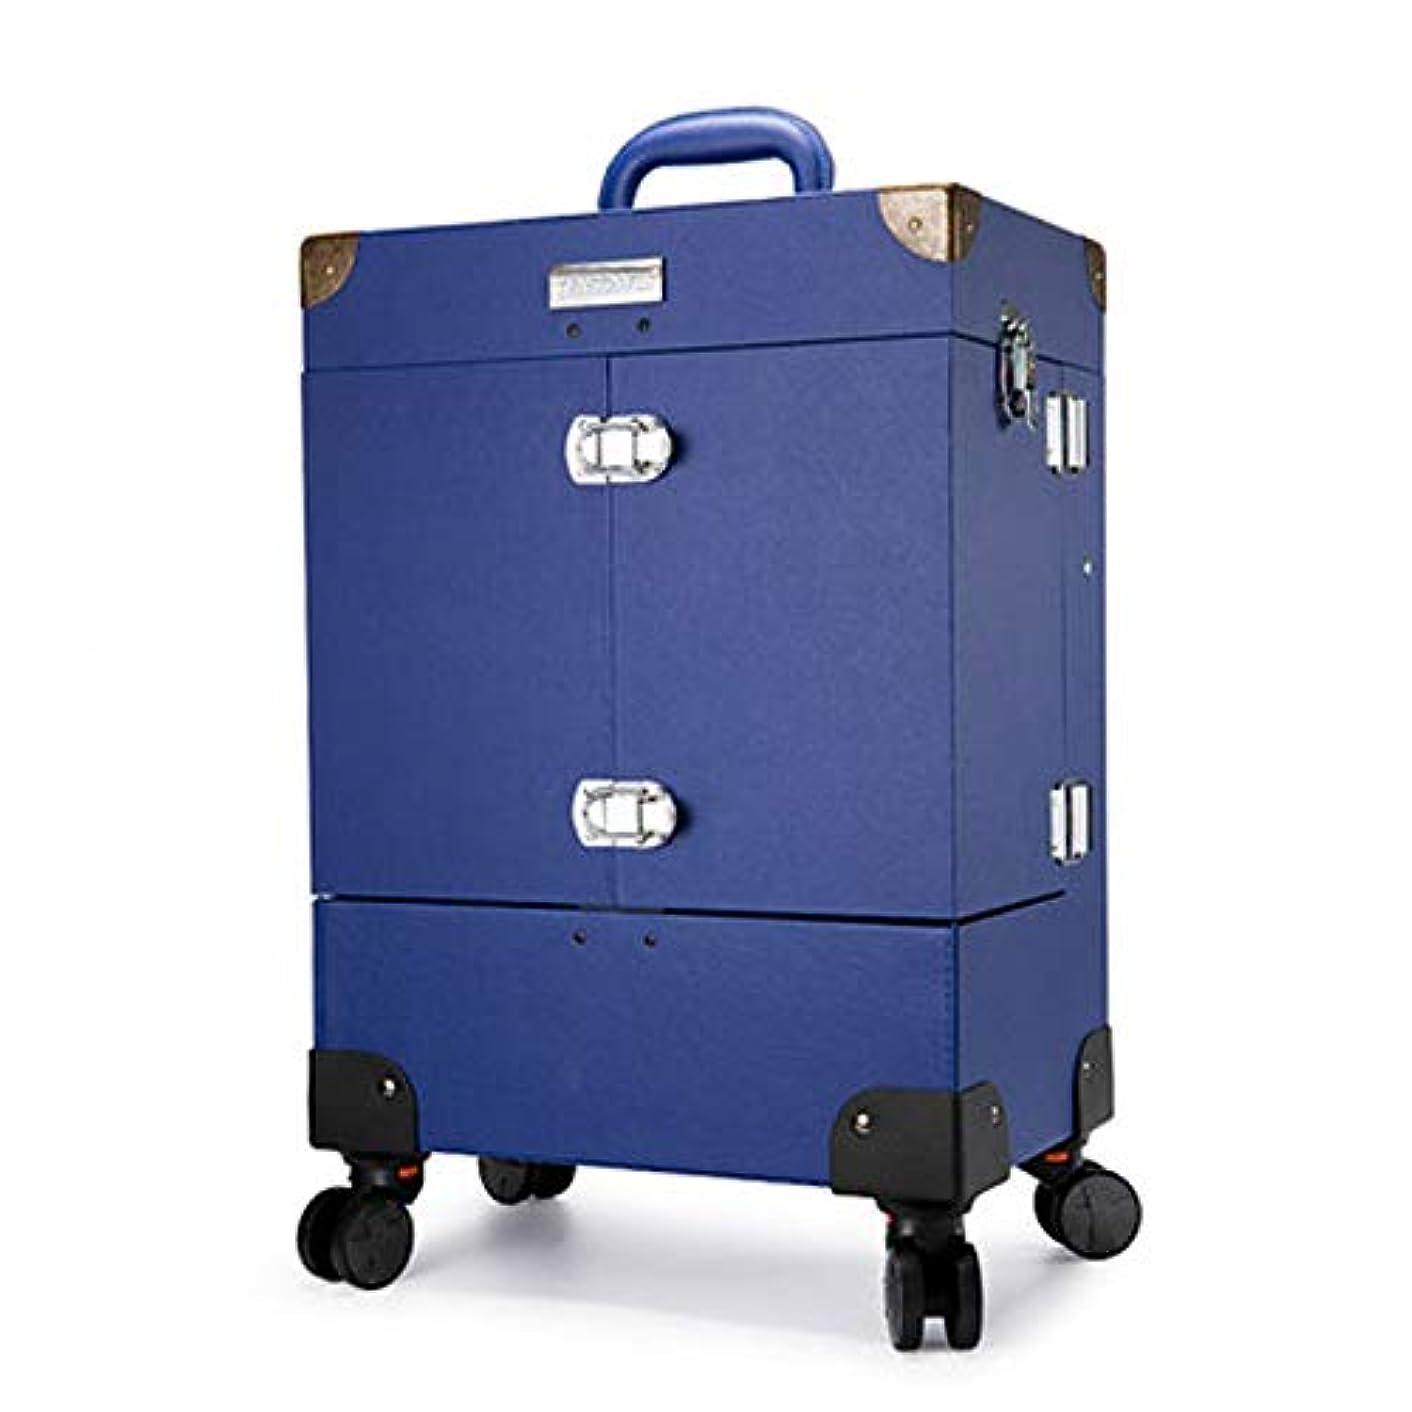 アセしない省プロ専用 ネイリスト クローゼット スーツケース ネイル収納 メイクボックス キャリーバッグ ヘアメイク ネイル 大容量 軽量 高品質 多機能 プロ I-JL-3505T-BL